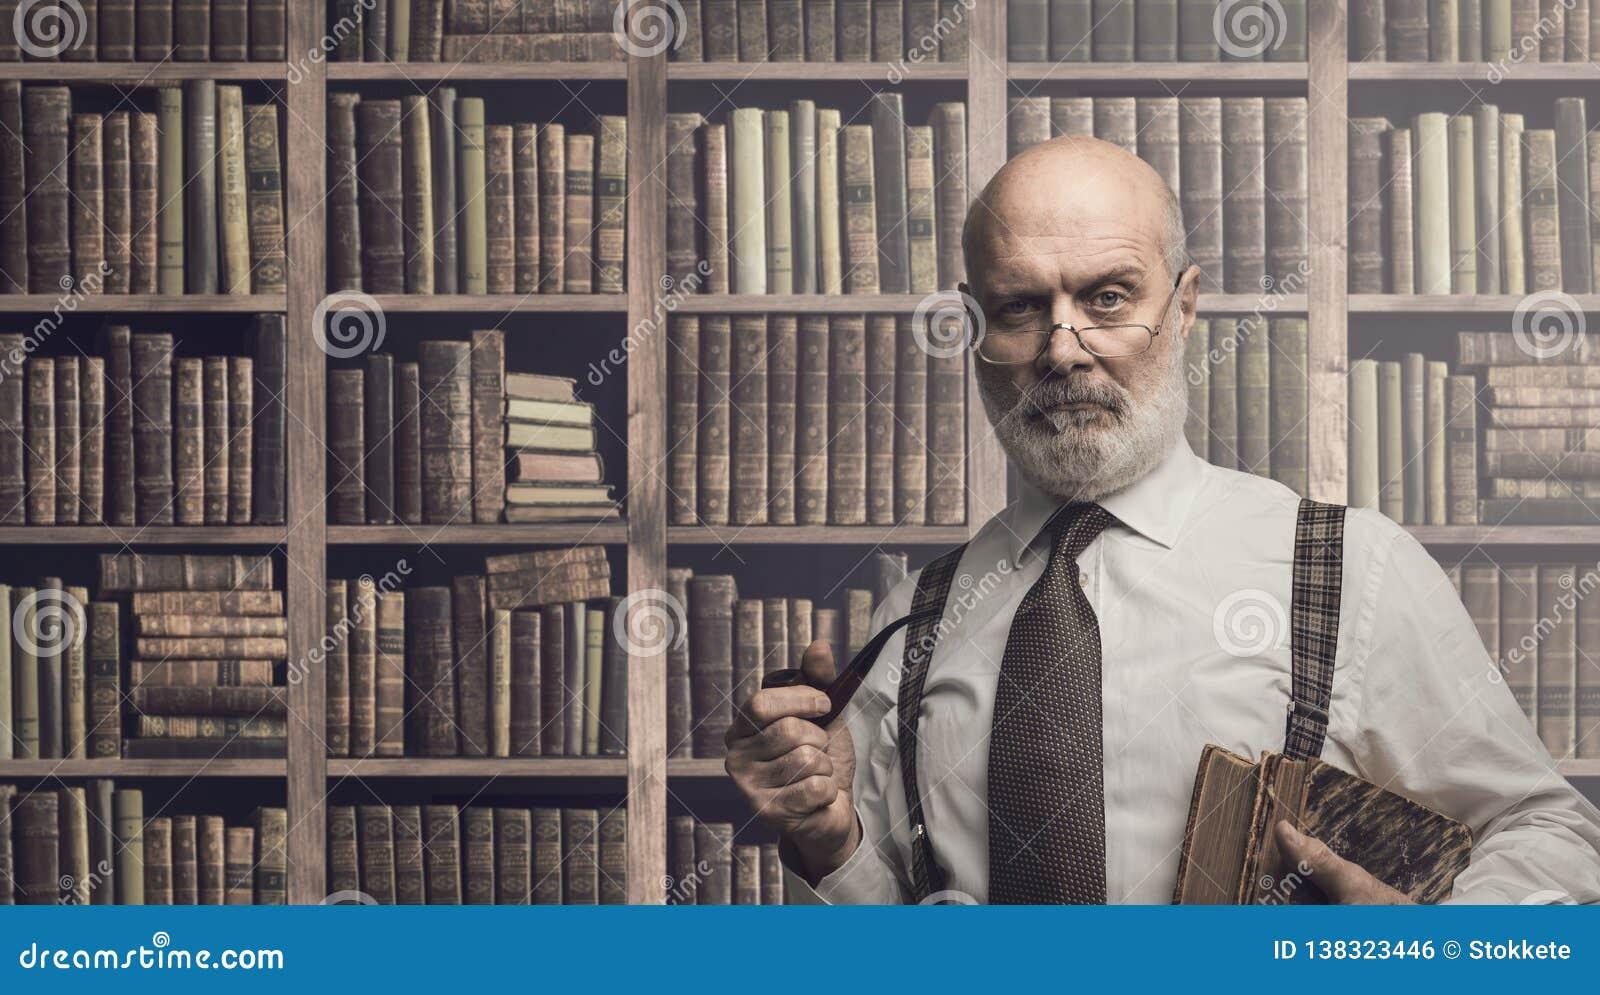 Τοποθέτηση καθηγητή στη βιβλιοθήκη με τα βιβλία